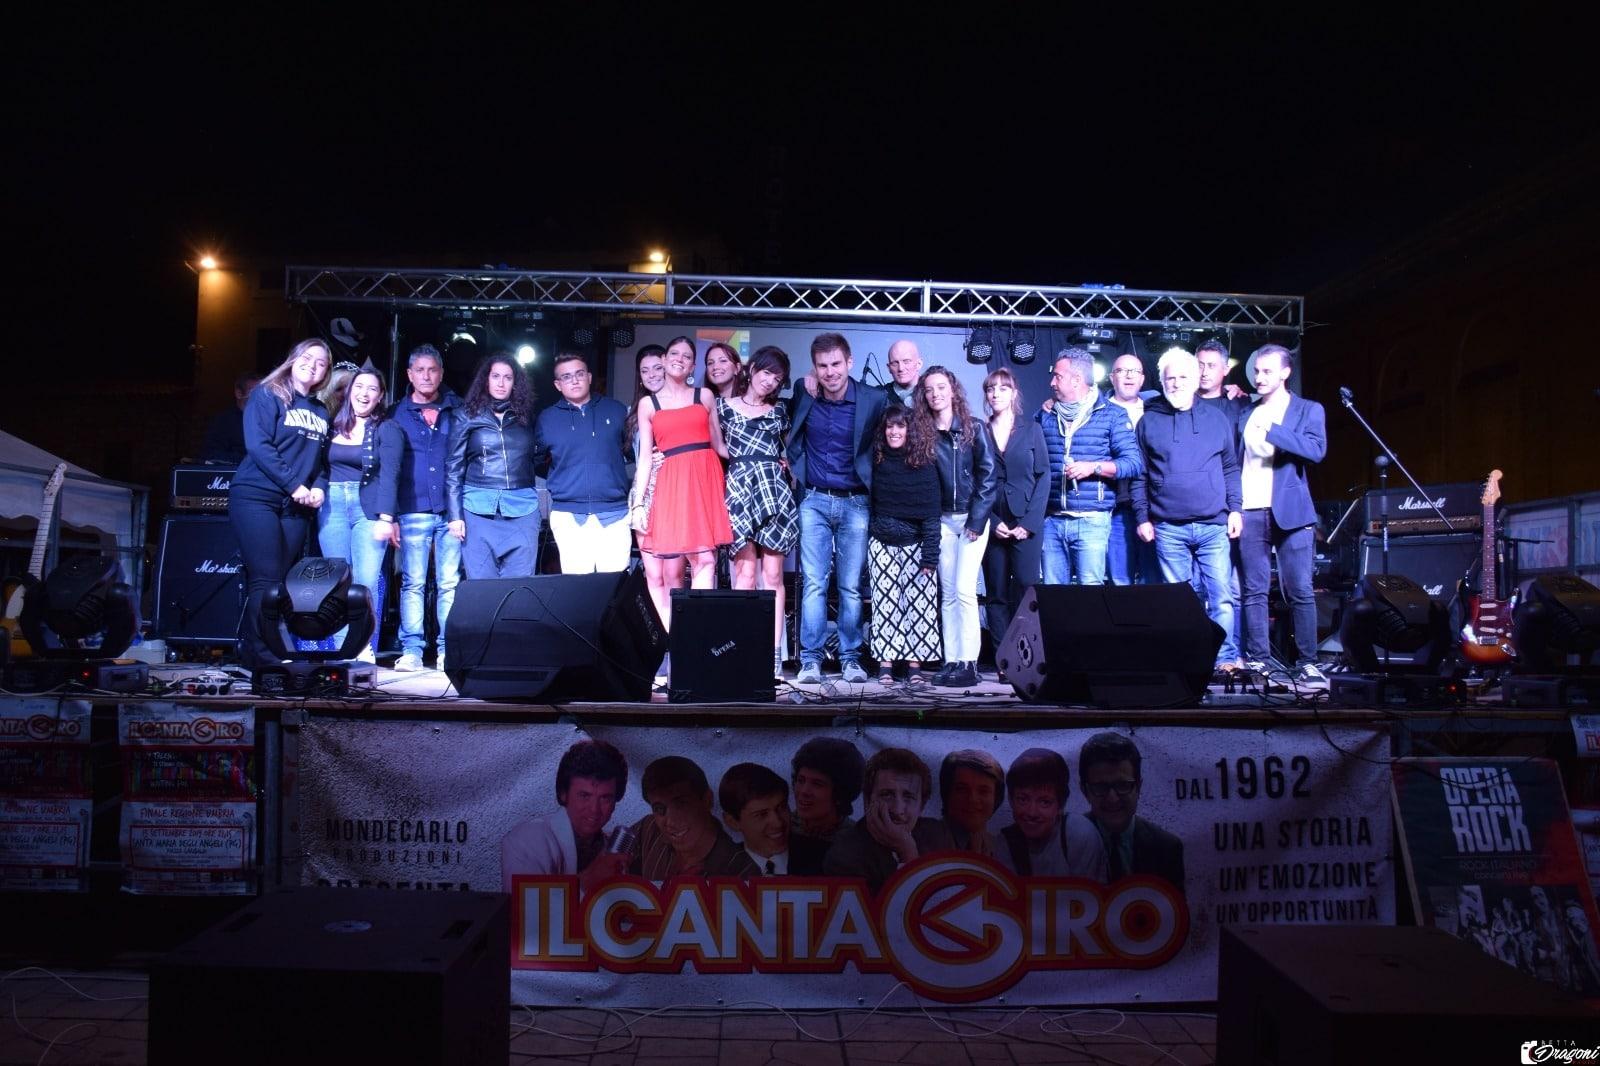 Cantagiro Umbria 2019, vince Valeria Mancini di Foligno